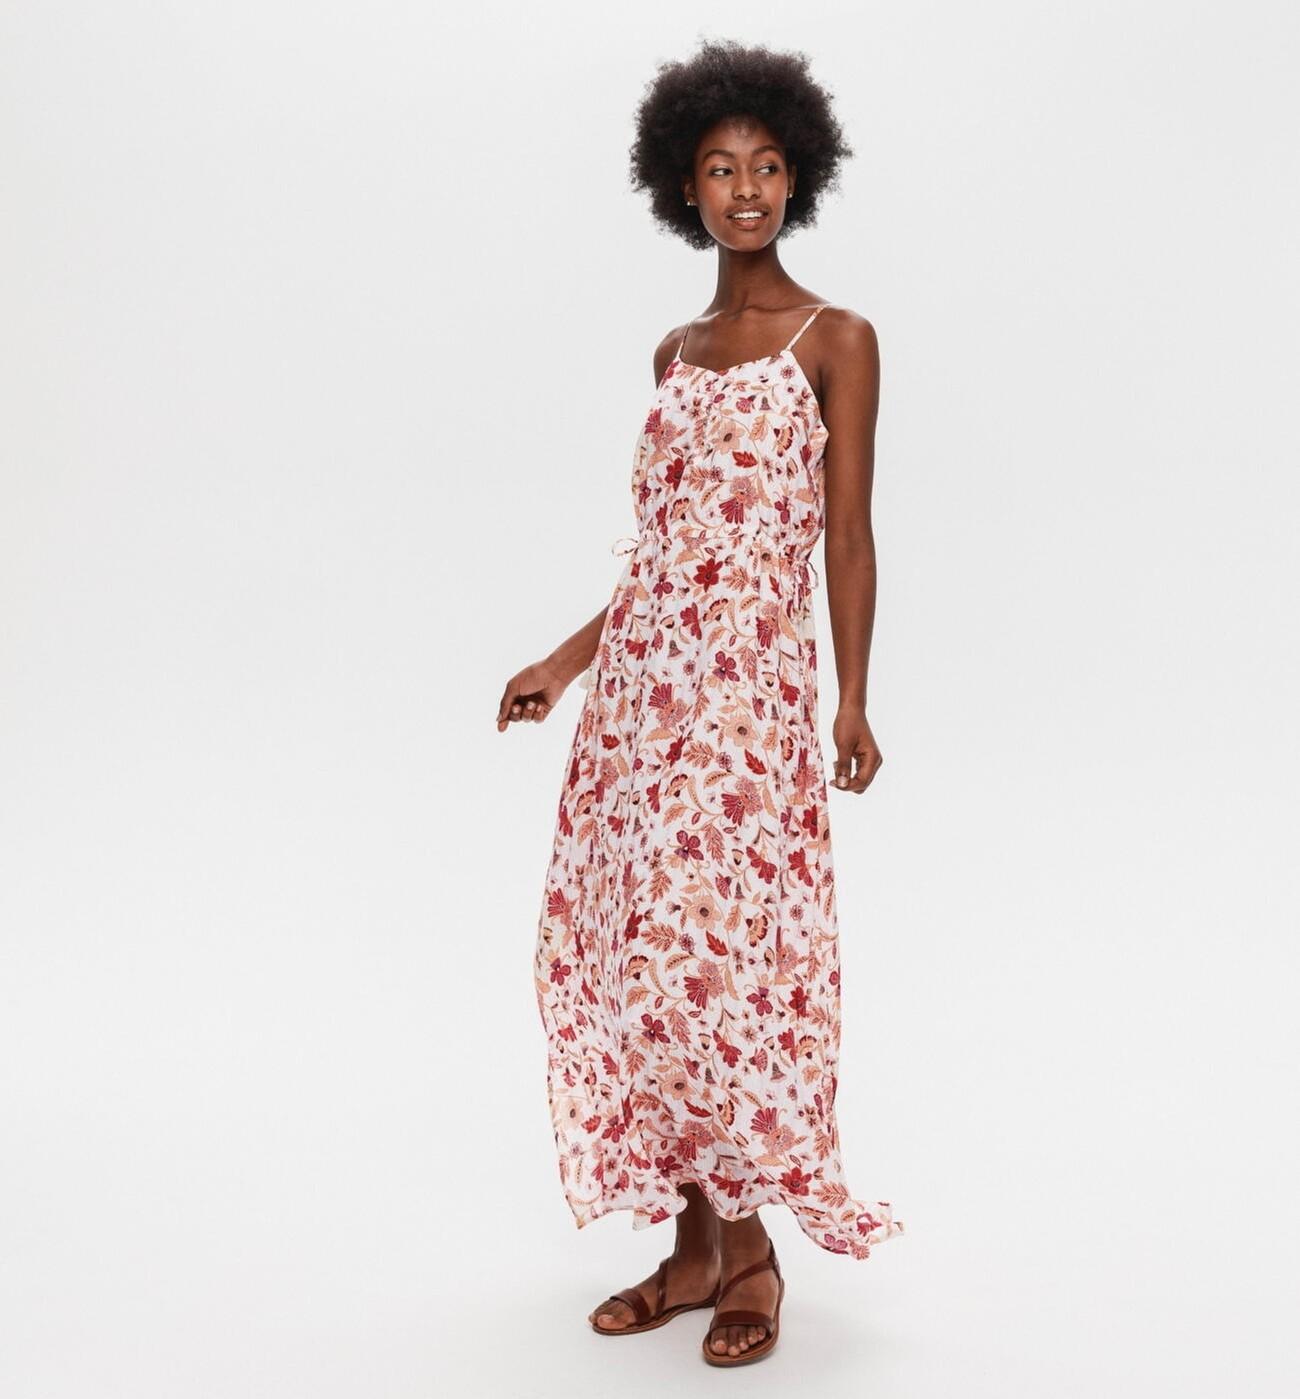 Longue robe en viscose à fines bretelles et imprimé fleuri, Promod, 44,95€.